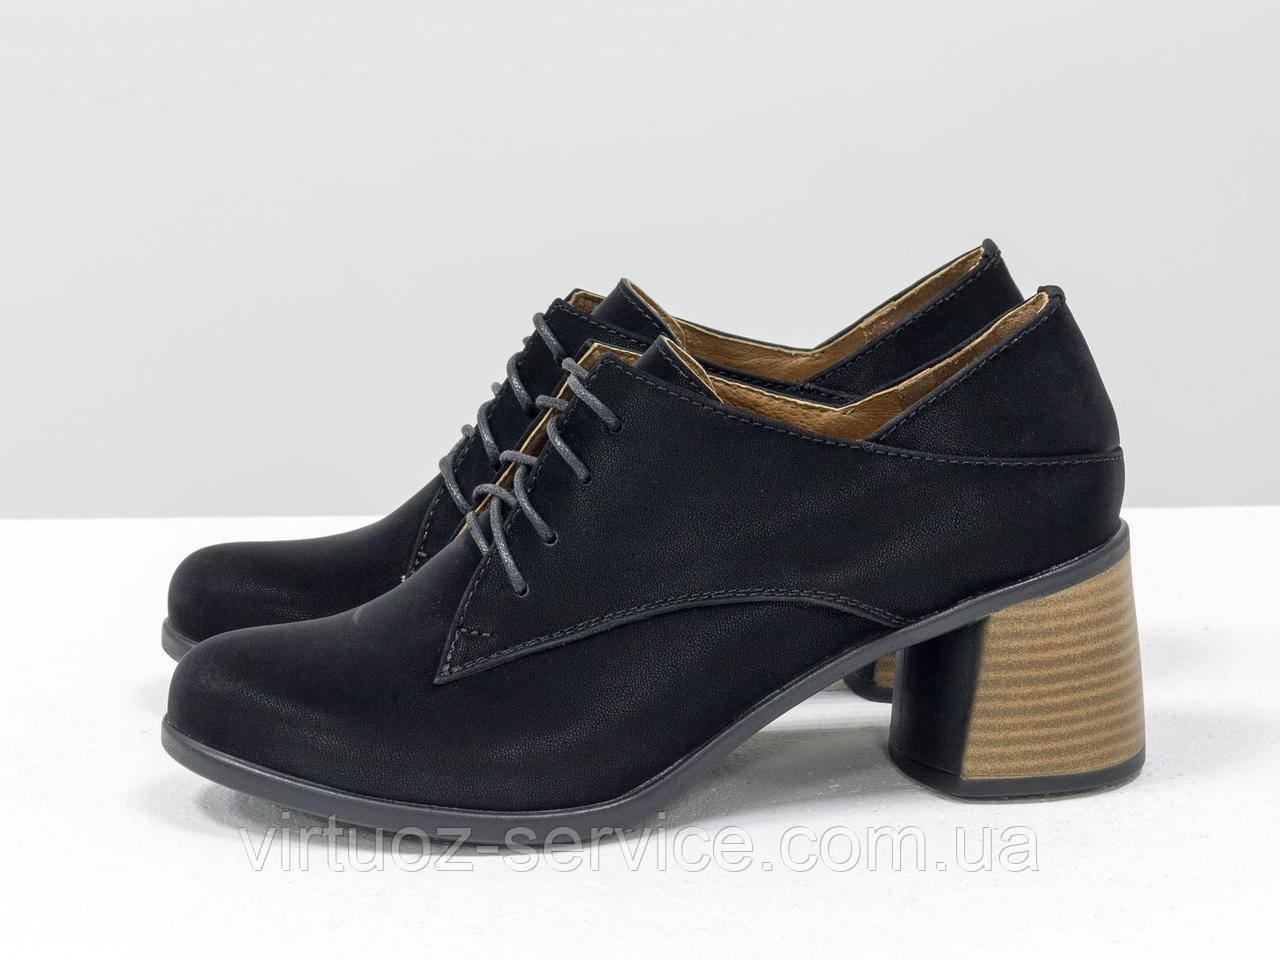 Туфли Gino Figini Т-19150-01 из натуральной кожи 38 Черные